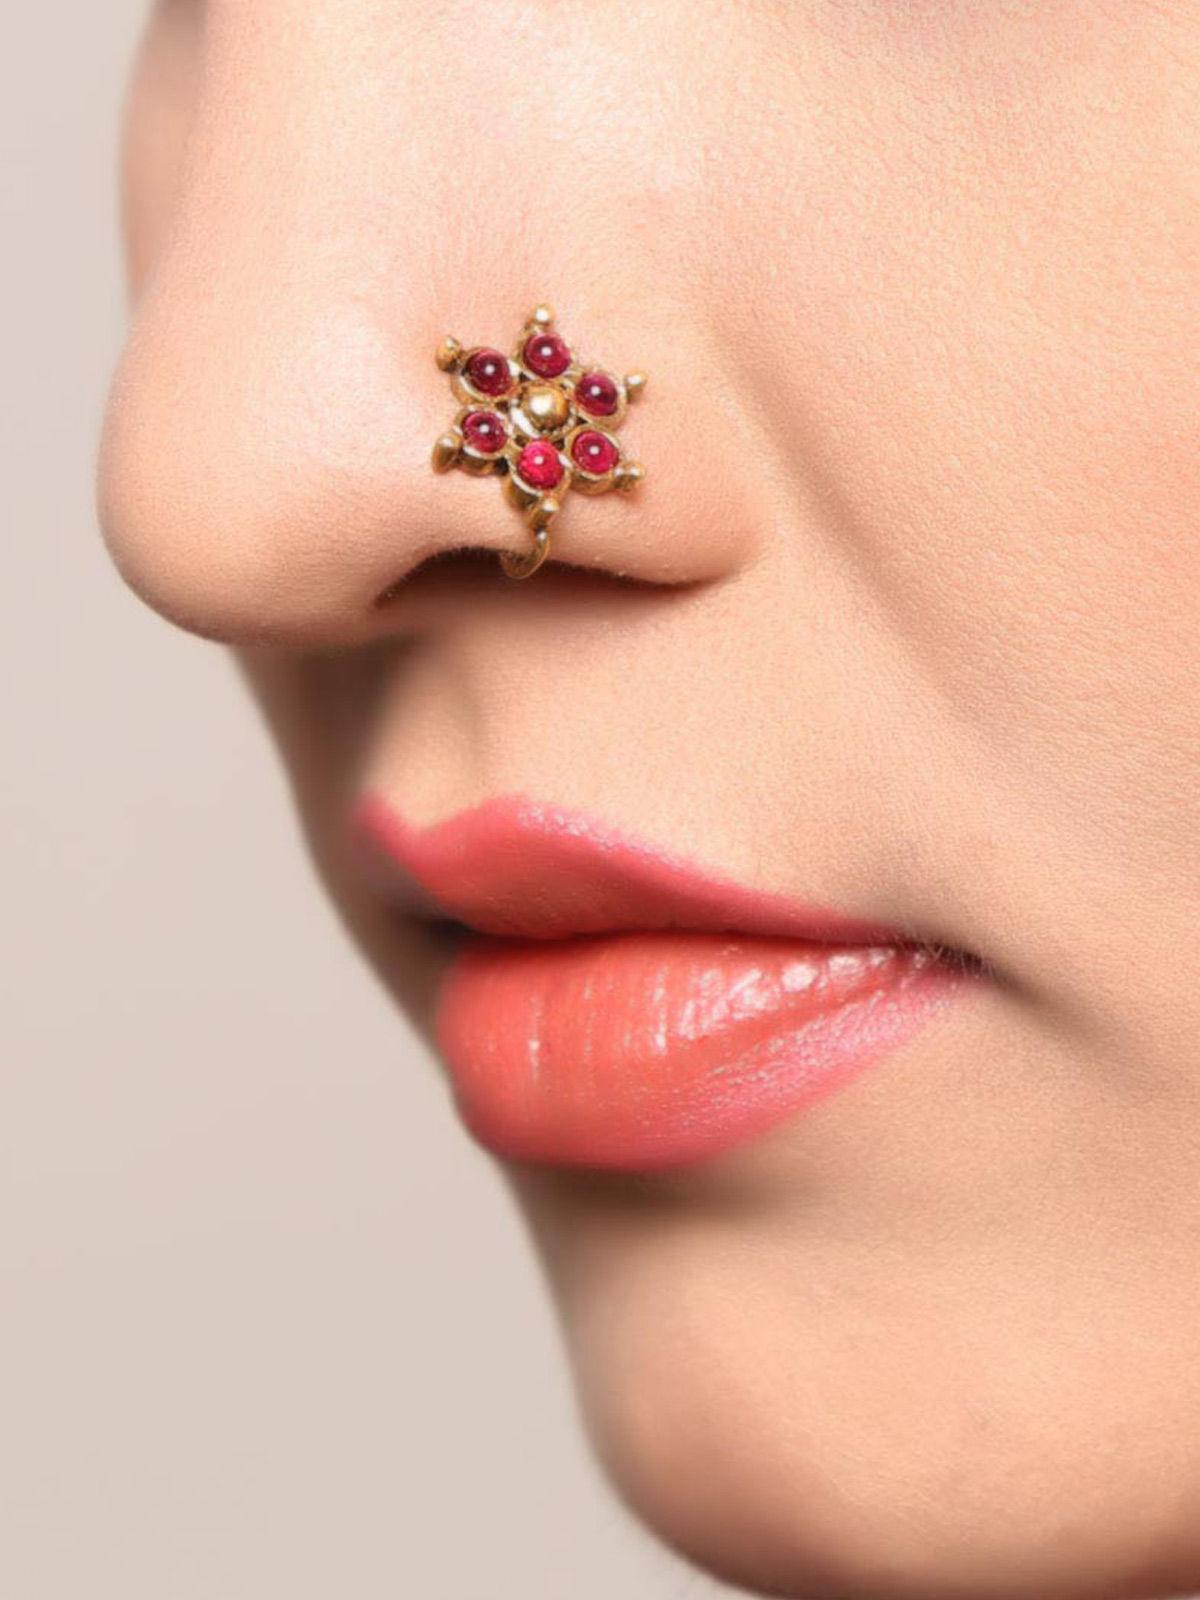 Six Petal Floral Nose Pin